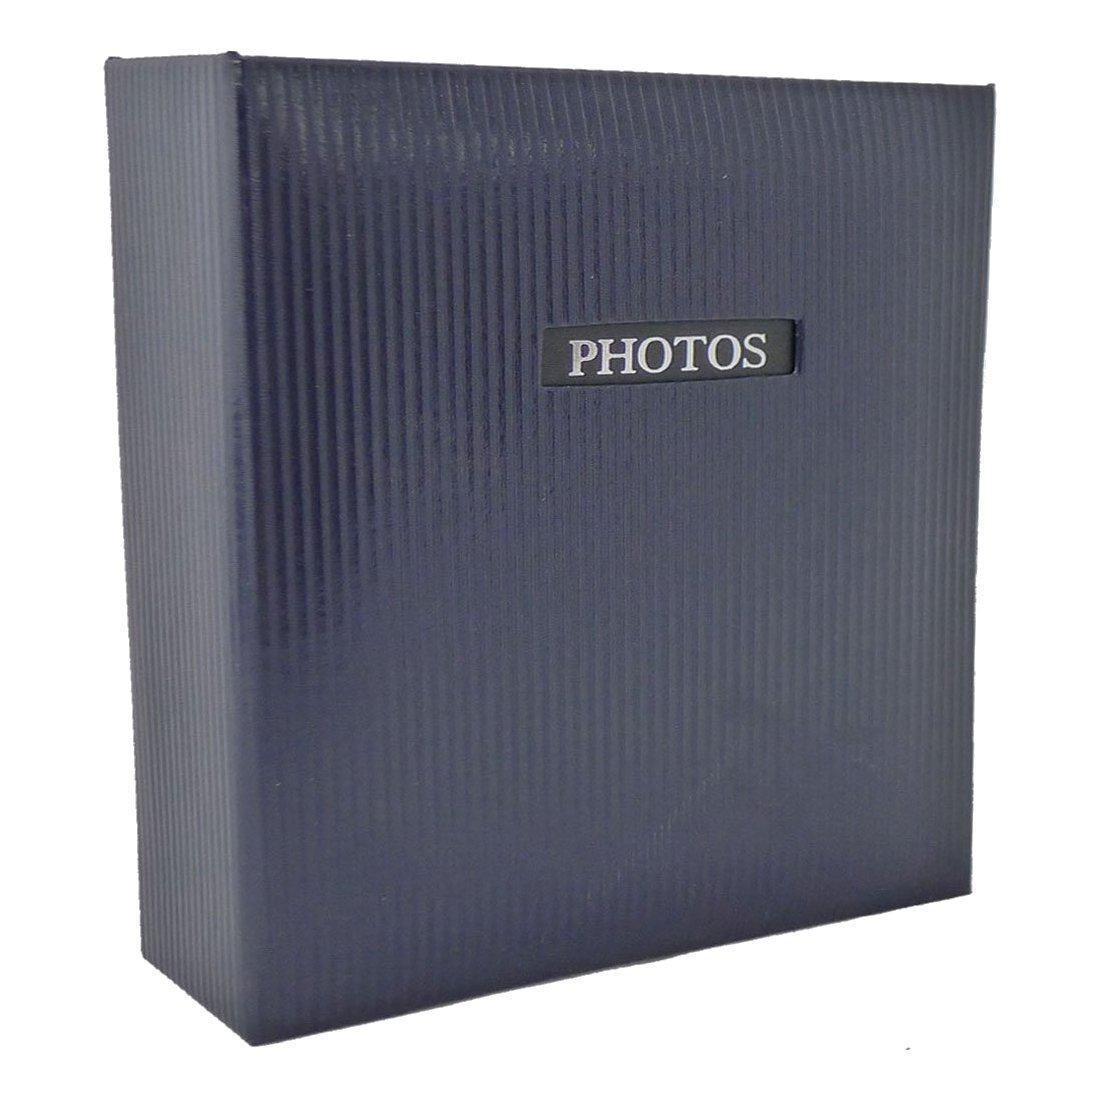 Dorr Elegance Blue Traditional Photo Album 50 Side 11.5x12.5'' [810258BLU] by Dorr